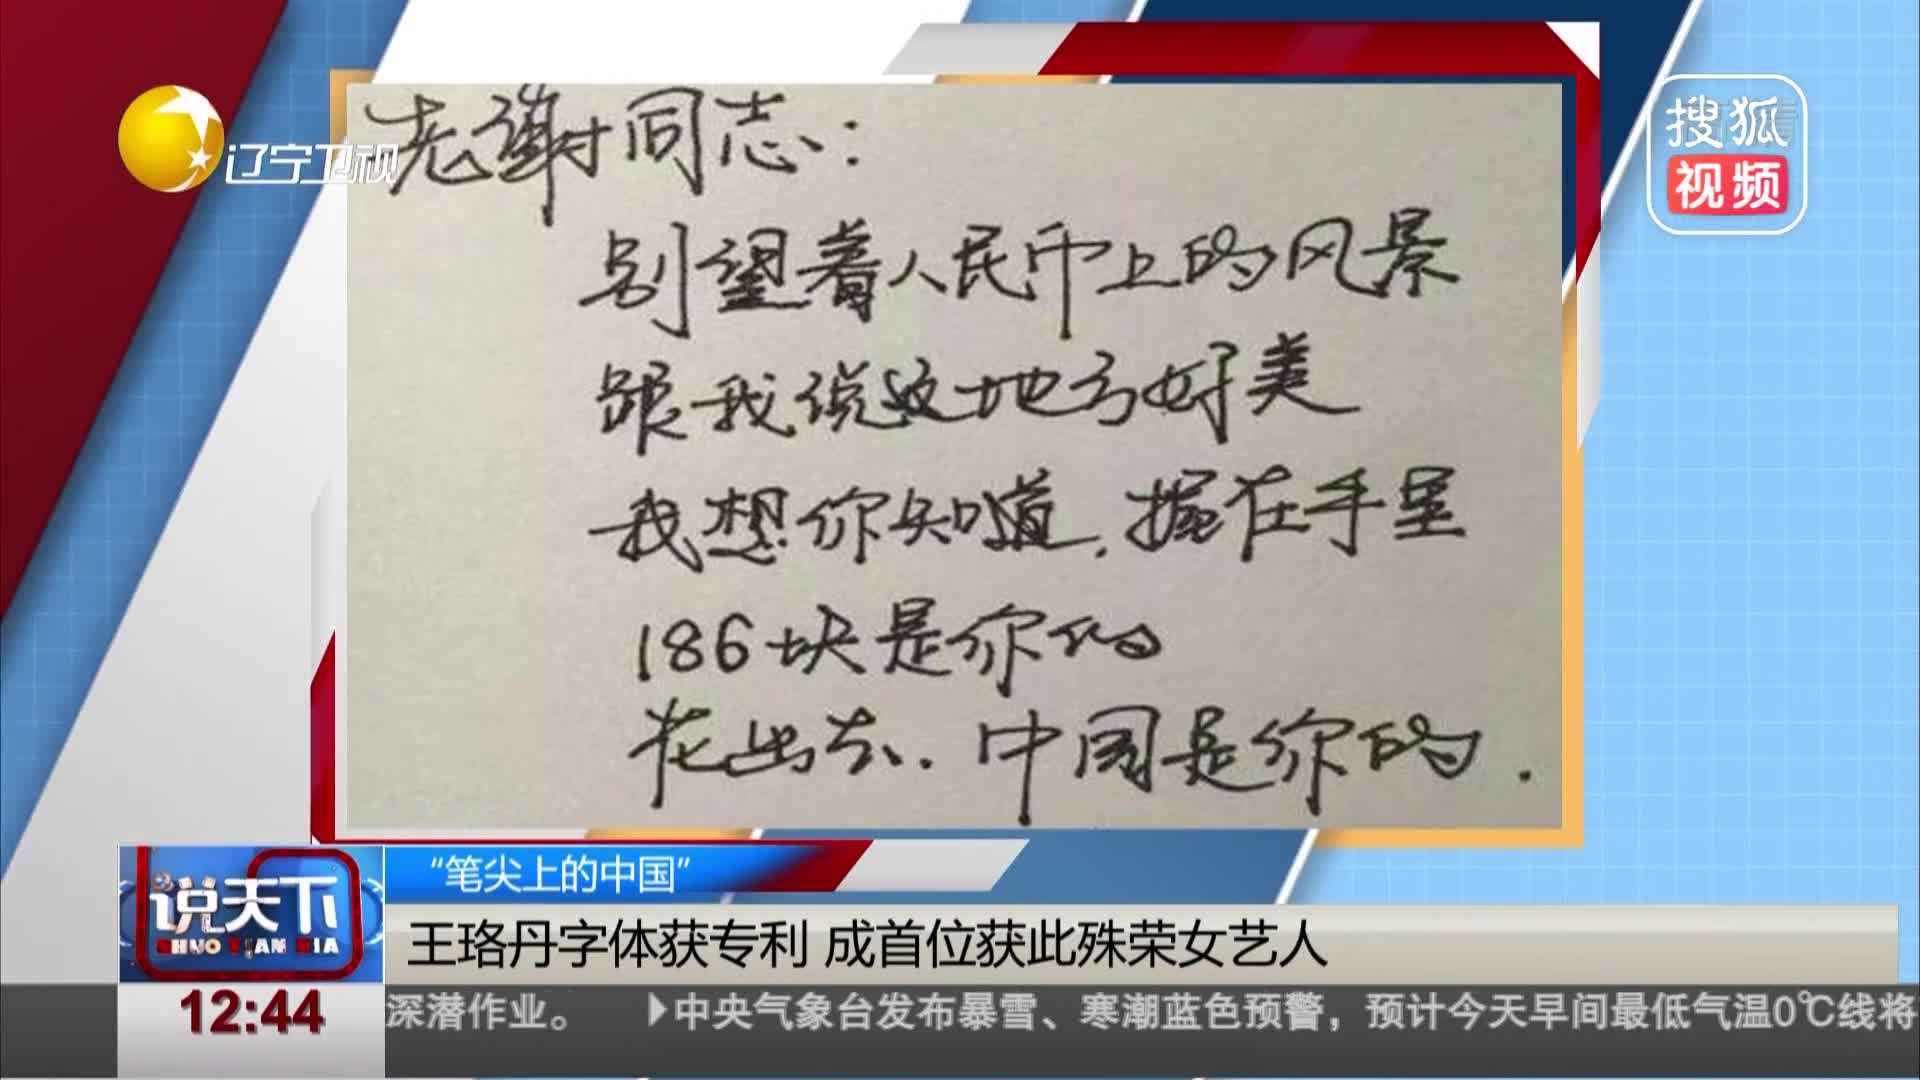 [视频]王珞丹字体获专利 成首位获此殊荣女艺人